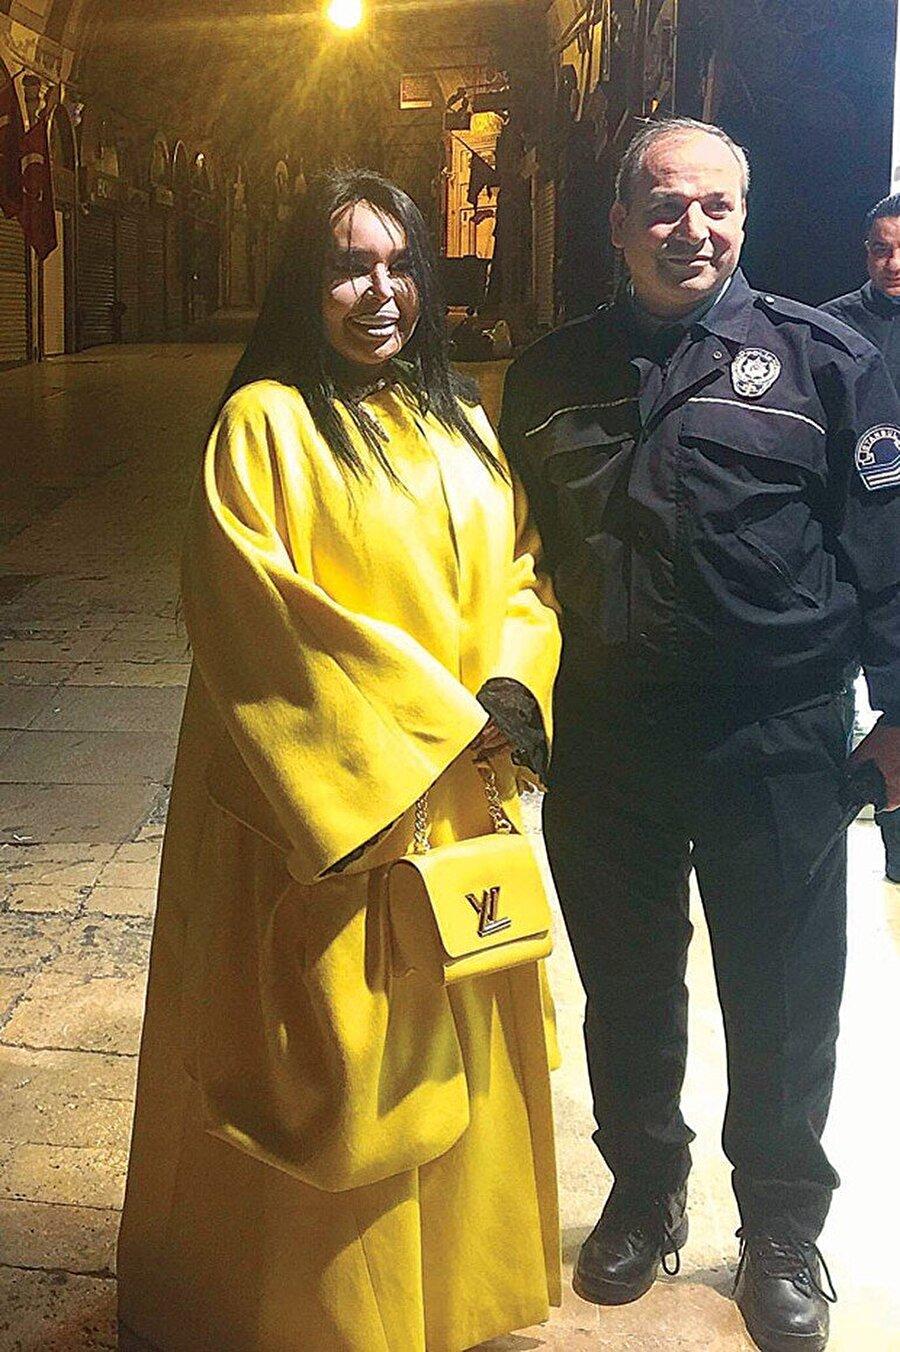 Polislerle fotoğraf çektirdi Dün akşam saatler 20.30'u gösterdiğinde Bülent Ersoy, VIP minibüsüyle Kapalıçarşı'ya geldi. Mağazada iki saat kalan Ersoy, polis memurlarıyla da hatıra fotoğrafı çektirdi.    (Kaynak: hurriyet.com.tr )